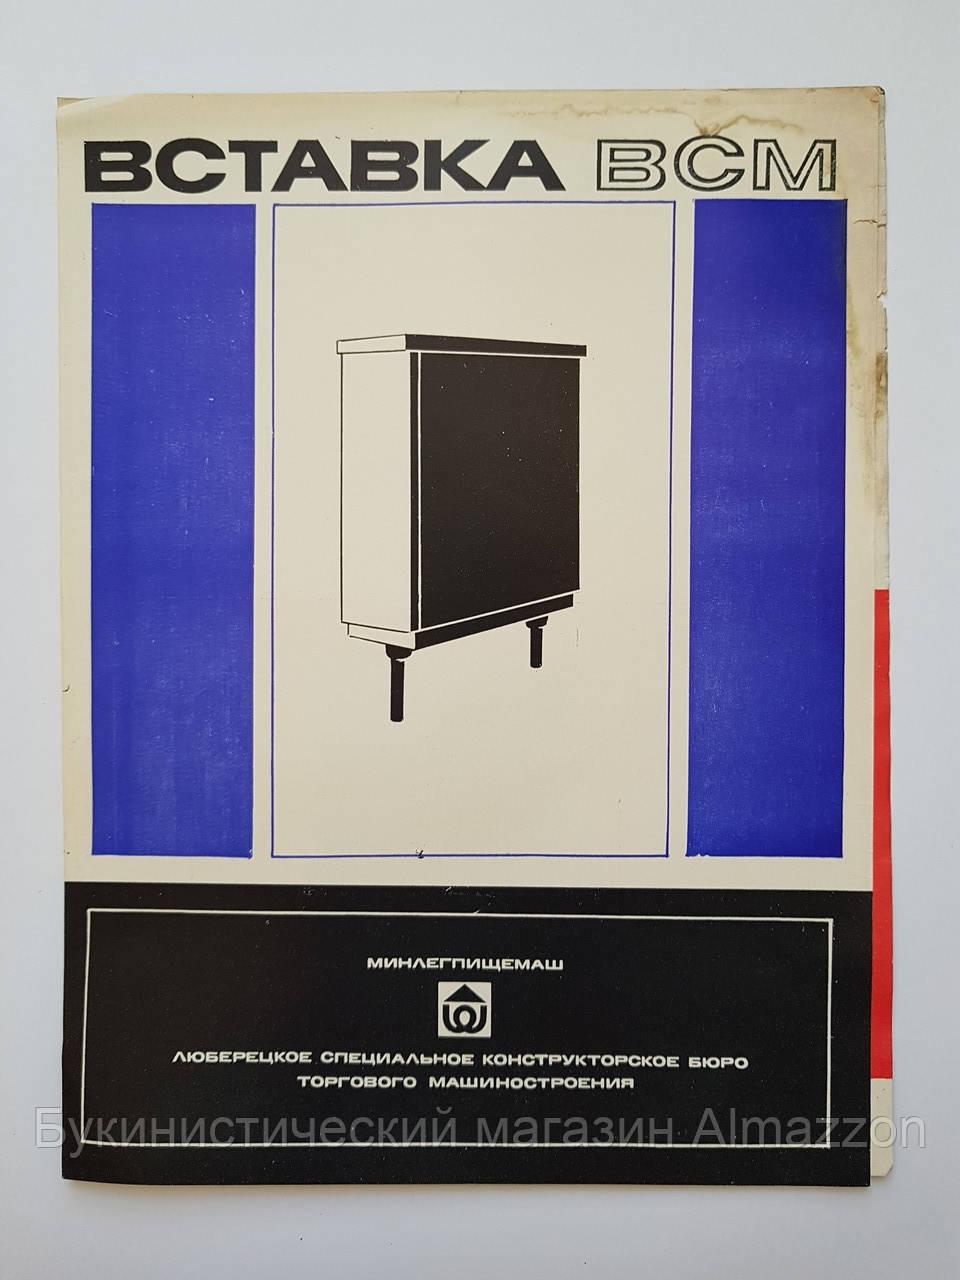 Журнал (Бюллетень) Вставка ВСМ 1972г.